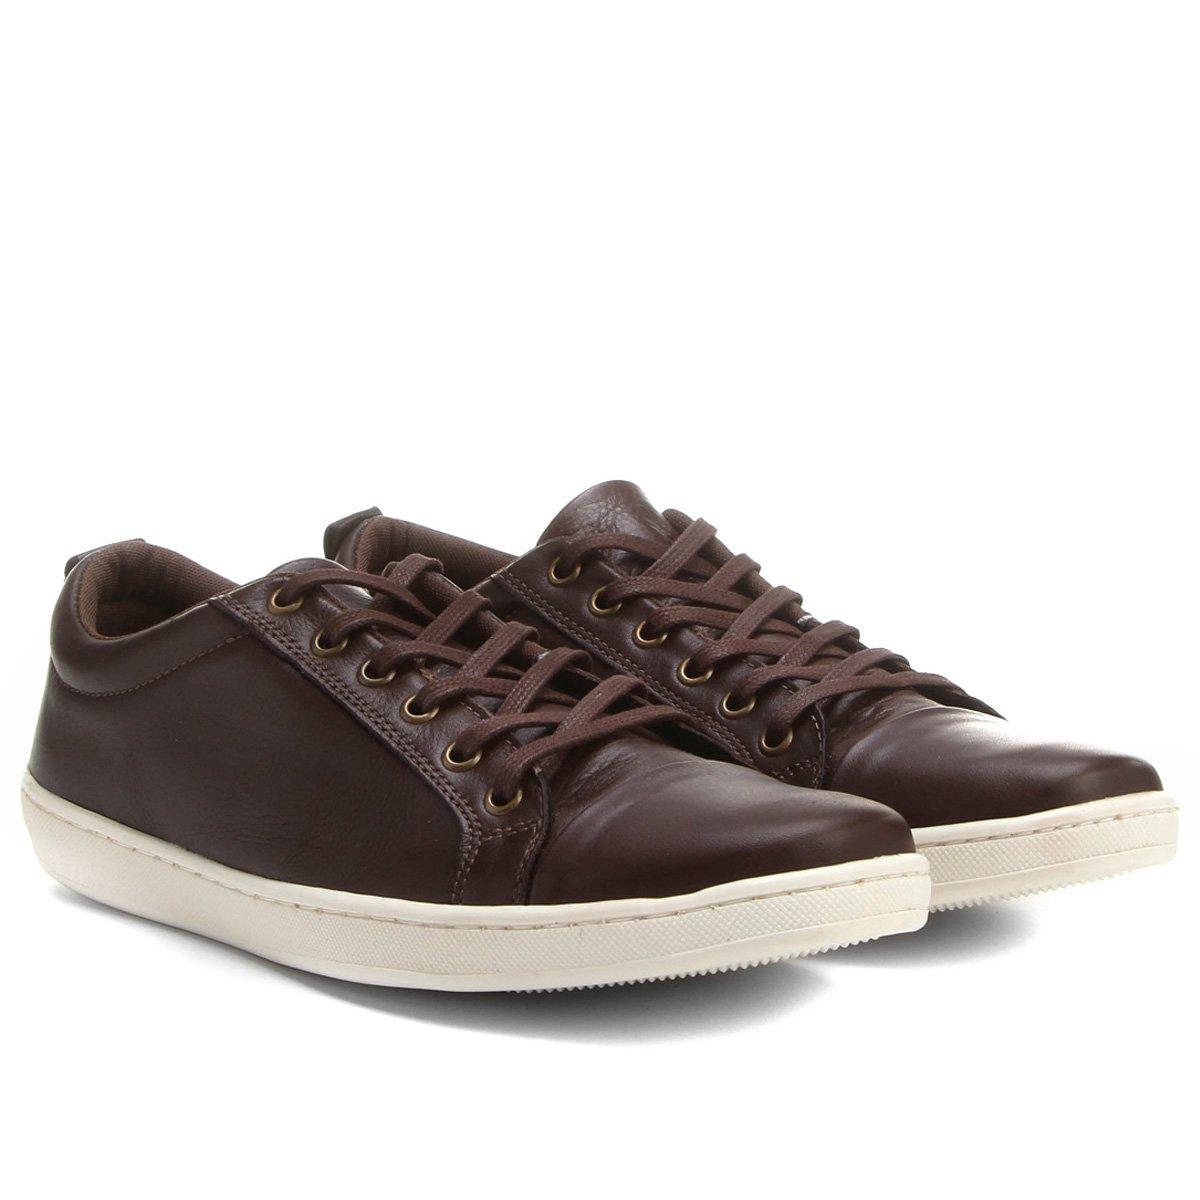 3f8765b4a2 Sapatênis Shoestock Couro - Compre Agora